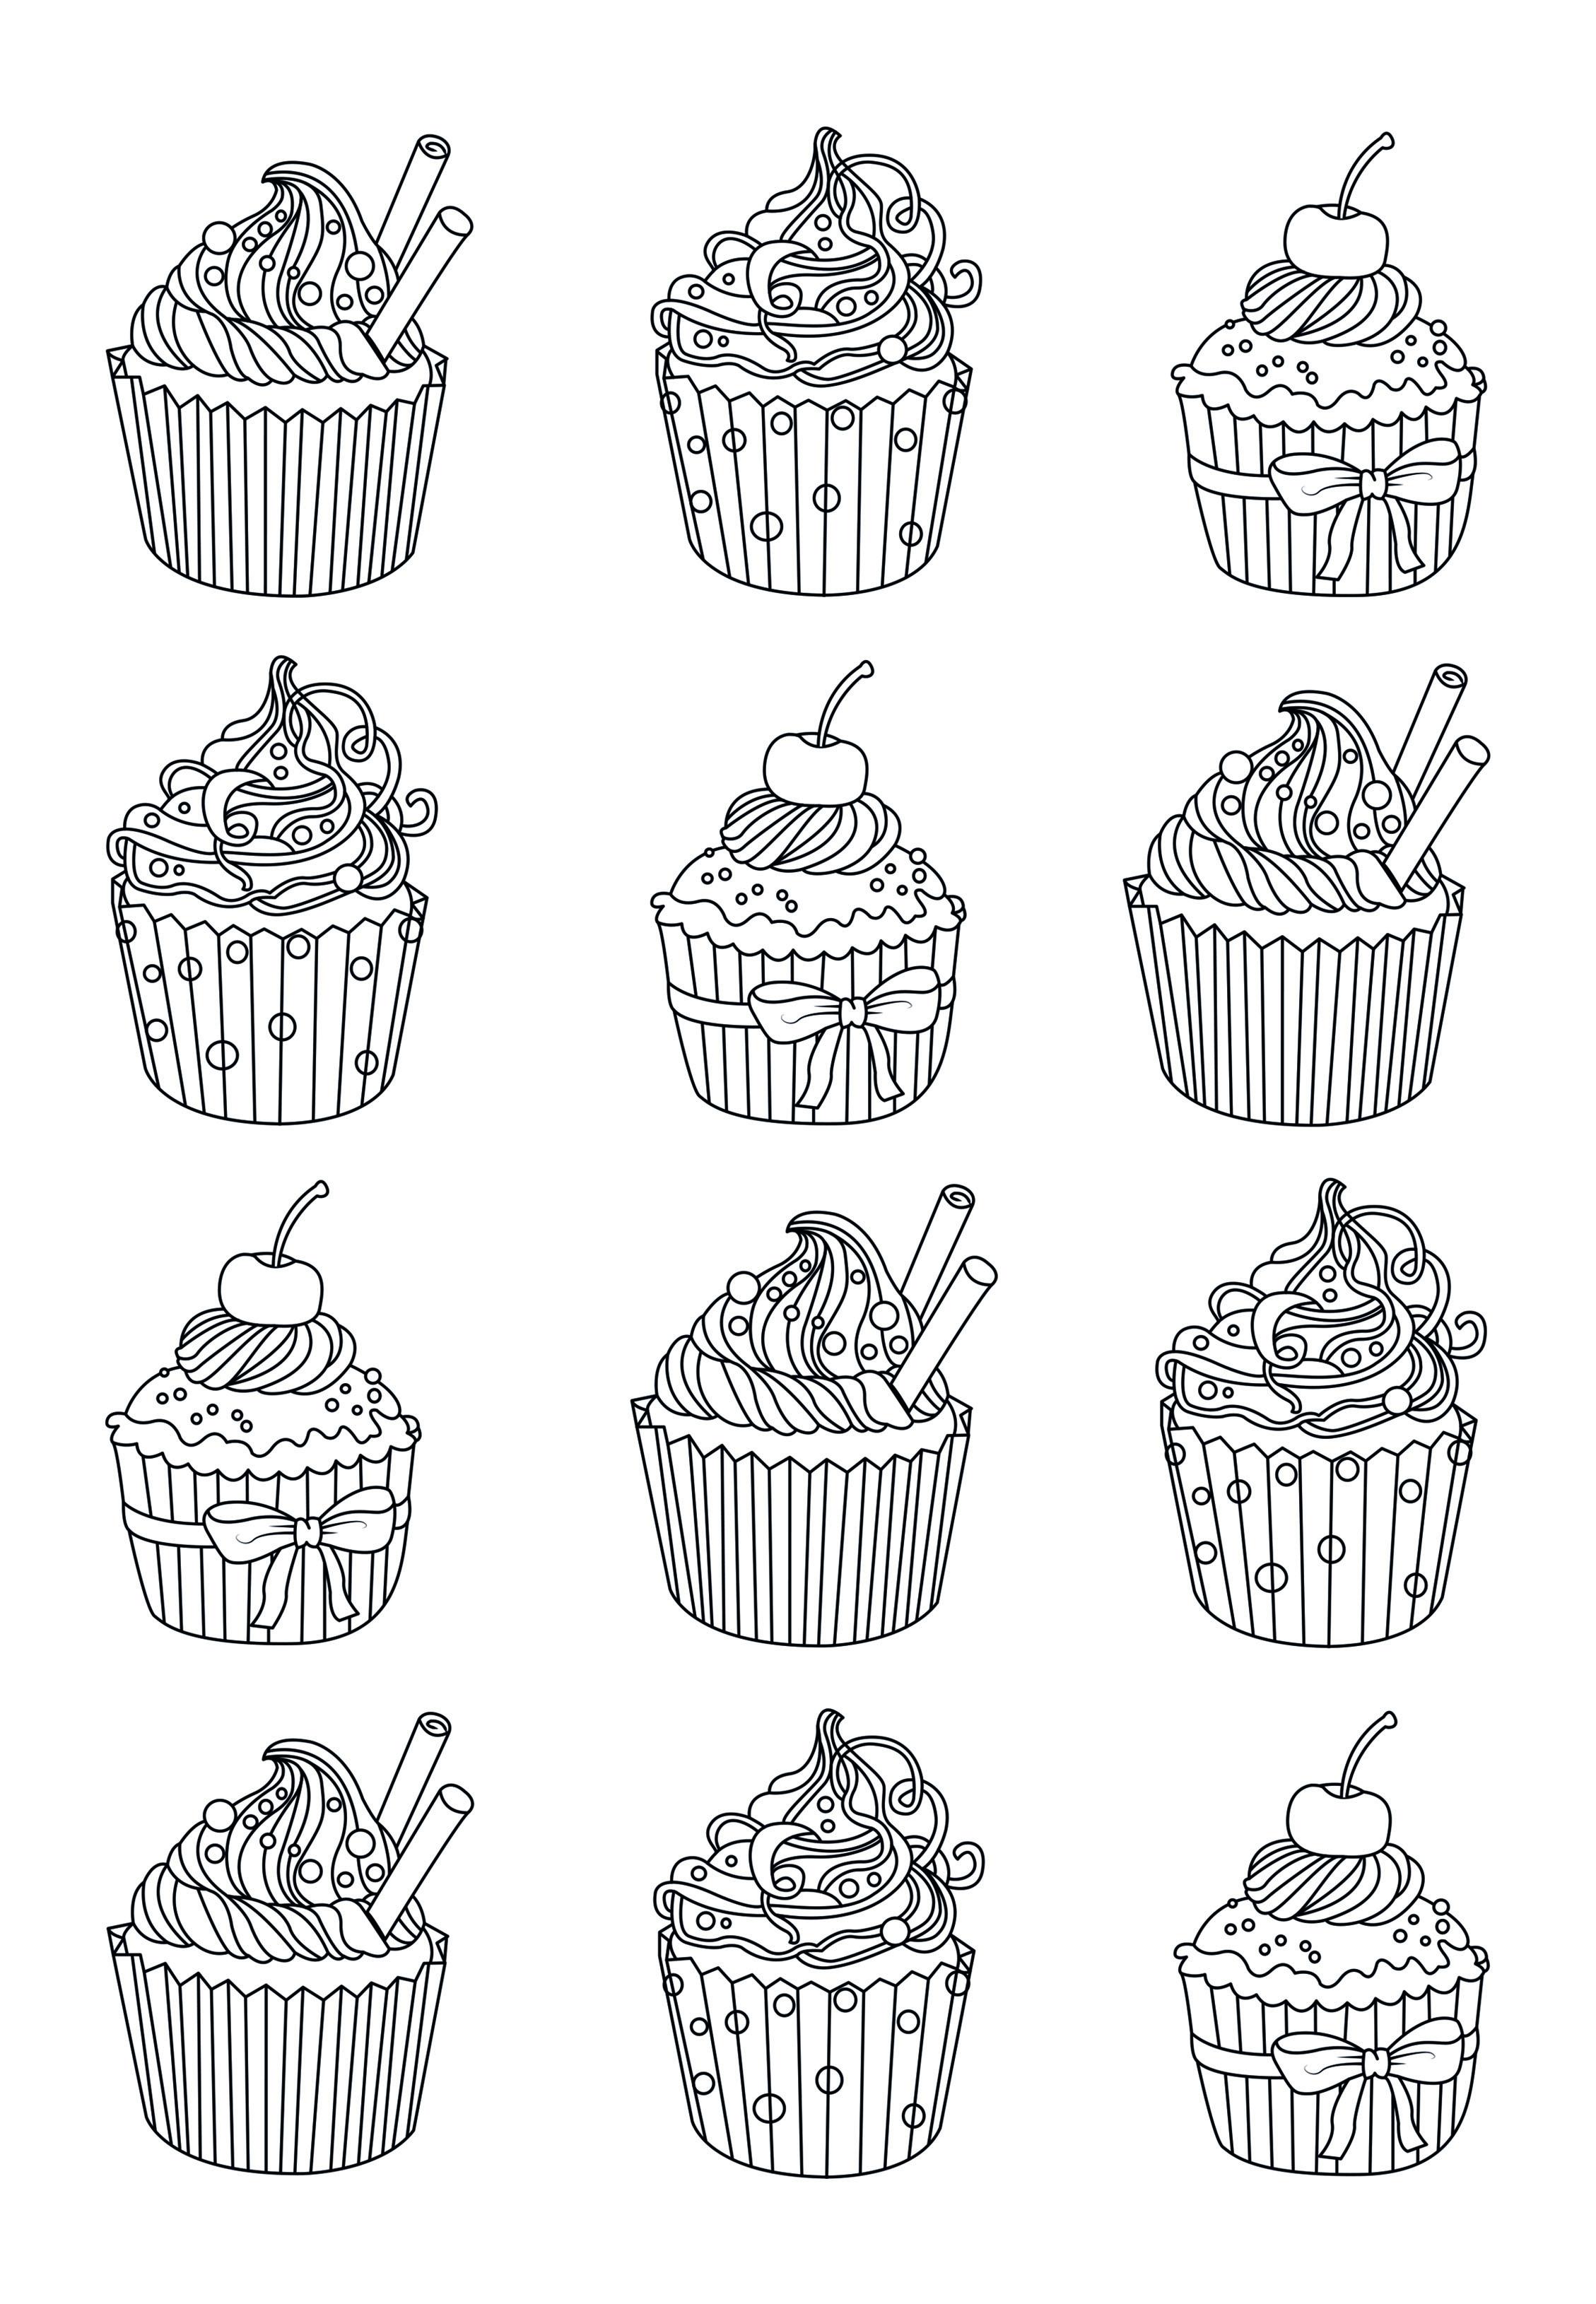 Disegni da colorare per adulti : Cup Cakes - 20